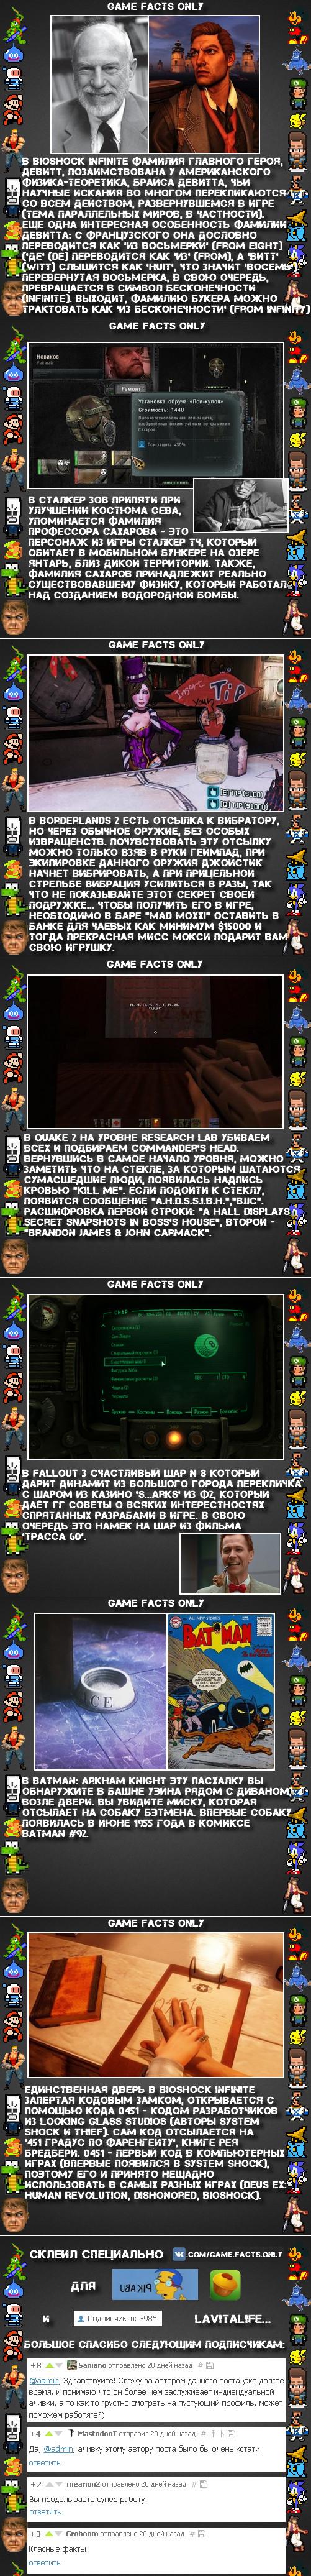 Факты из Игр (часть LXVI) Длиннопост, Факты, Игры, Game facts only, Bioshock infinite, Stalker Call of Pripyat, Batman Arkham Knight, Quake 2